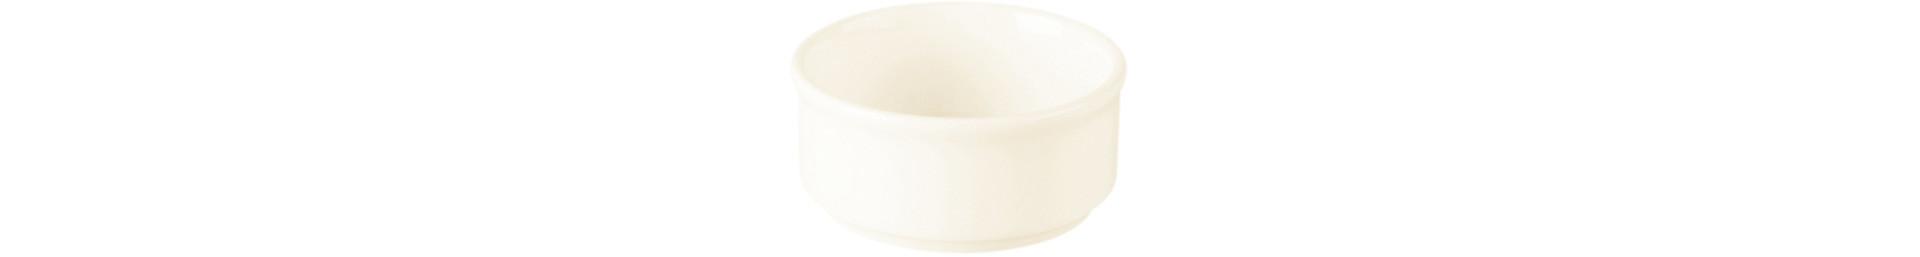 Banquet, Butterschälchen stapelbar ø 80 mm / 0,10 l creme